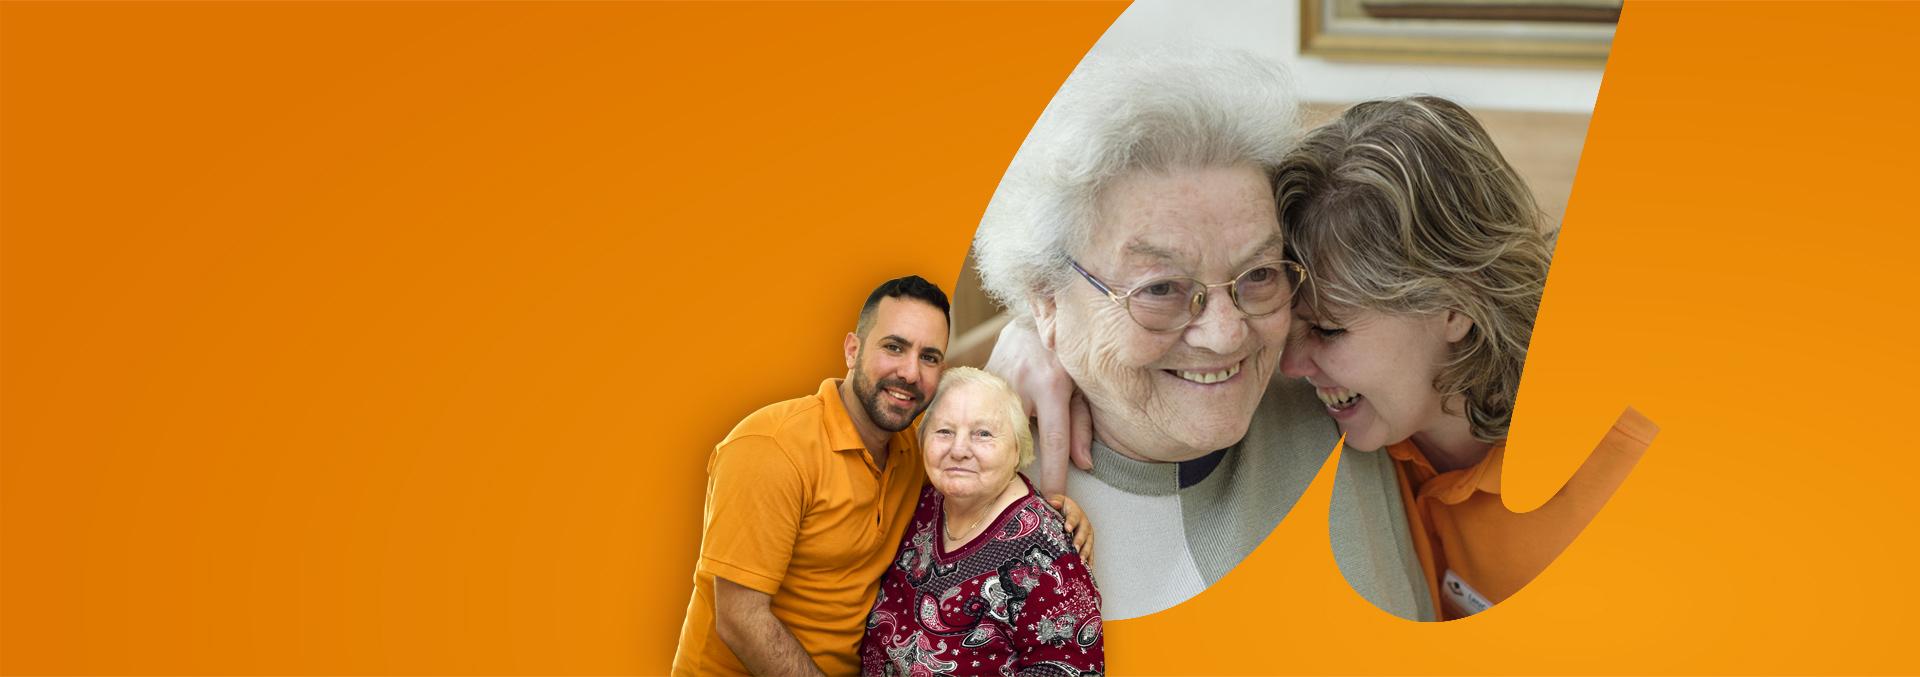 Slider Karriere, Wertschätzung bei avendi; Pflegekräfte und glückliche Bewohnerinnen Seite an Seite.